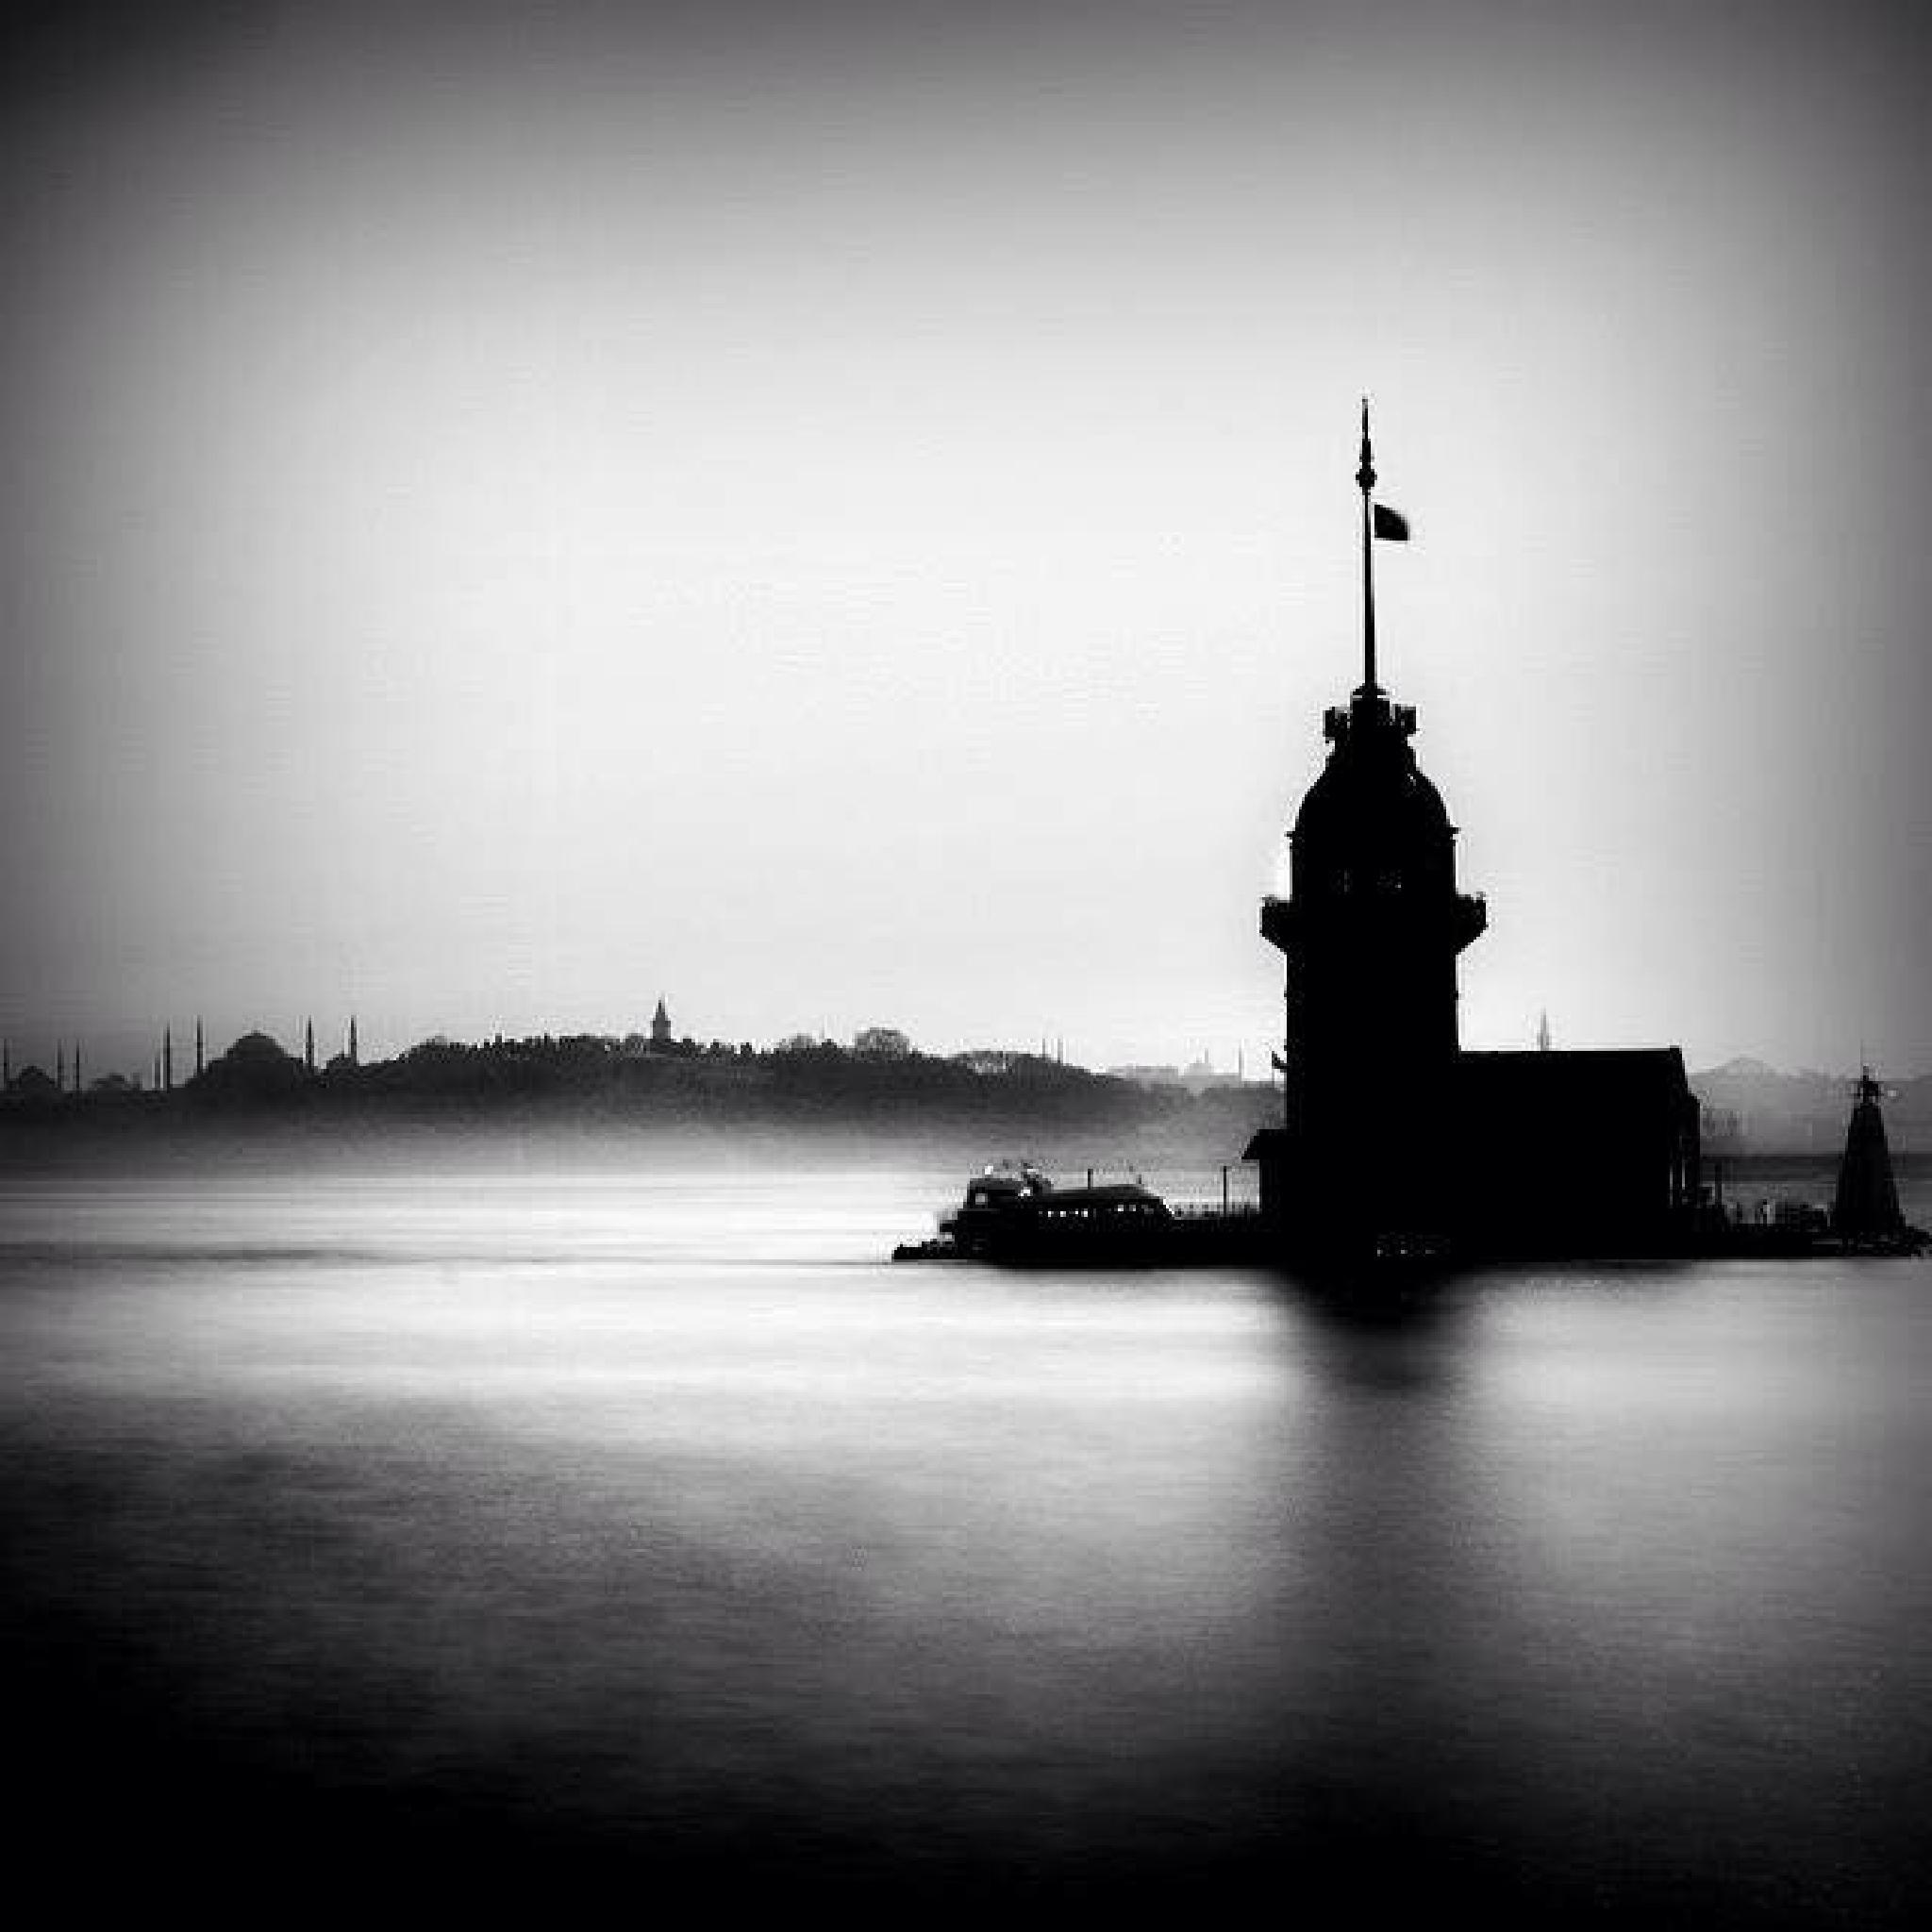 Kız Kulesi / The Maiden's Tower by ftshnur